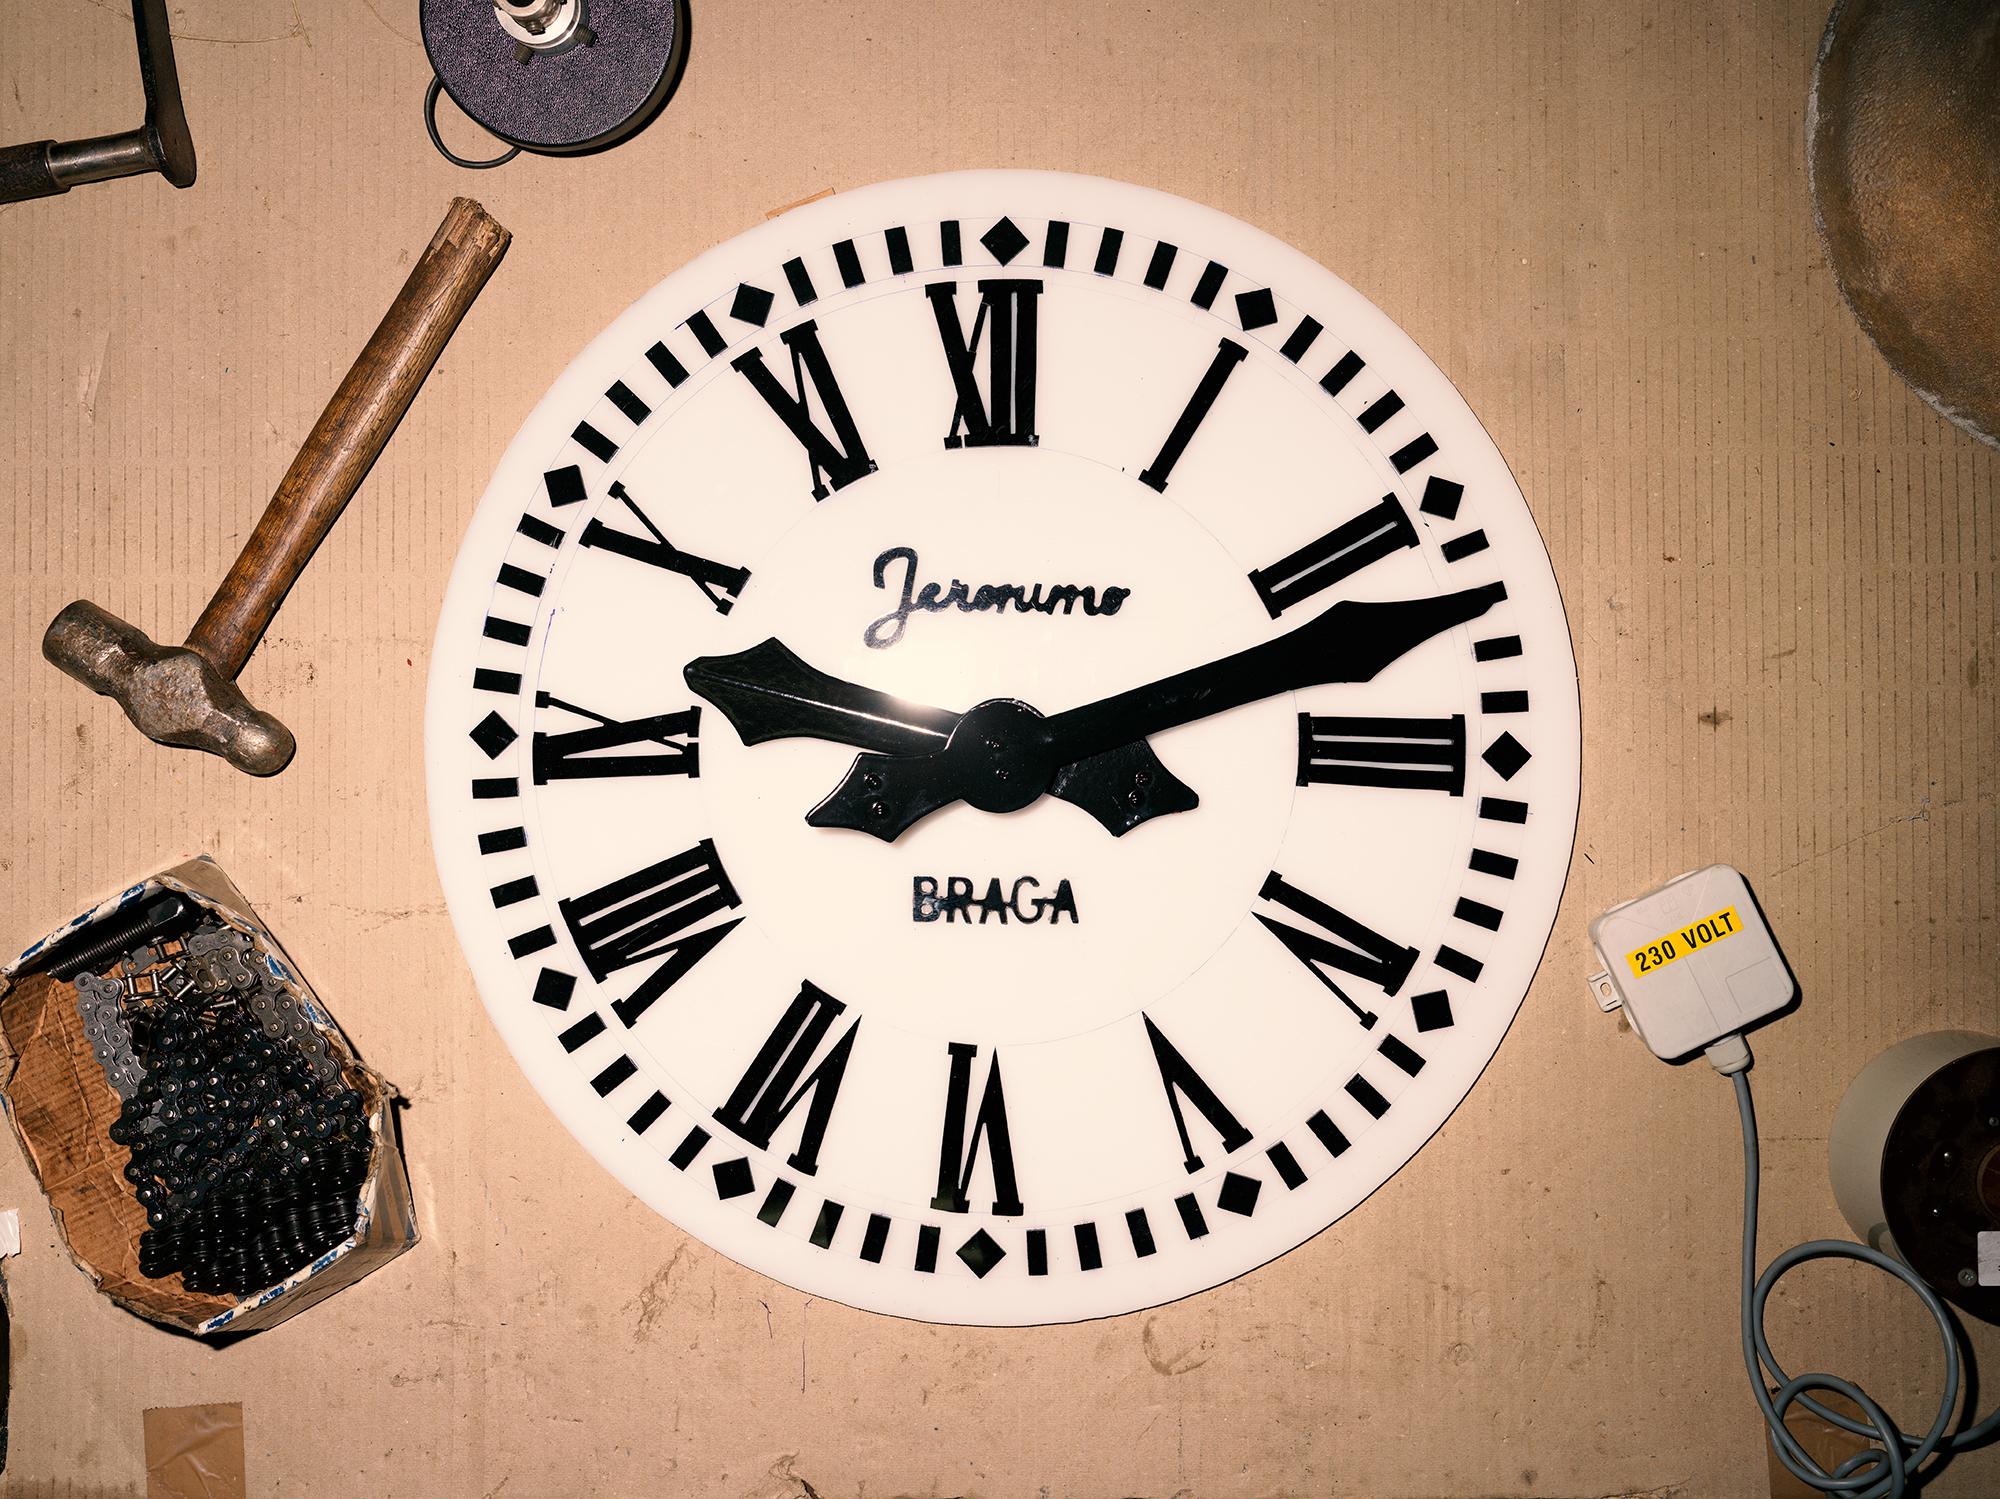 Imagem de um mostrador de relógio da Fundição de Sinos Jerónimo